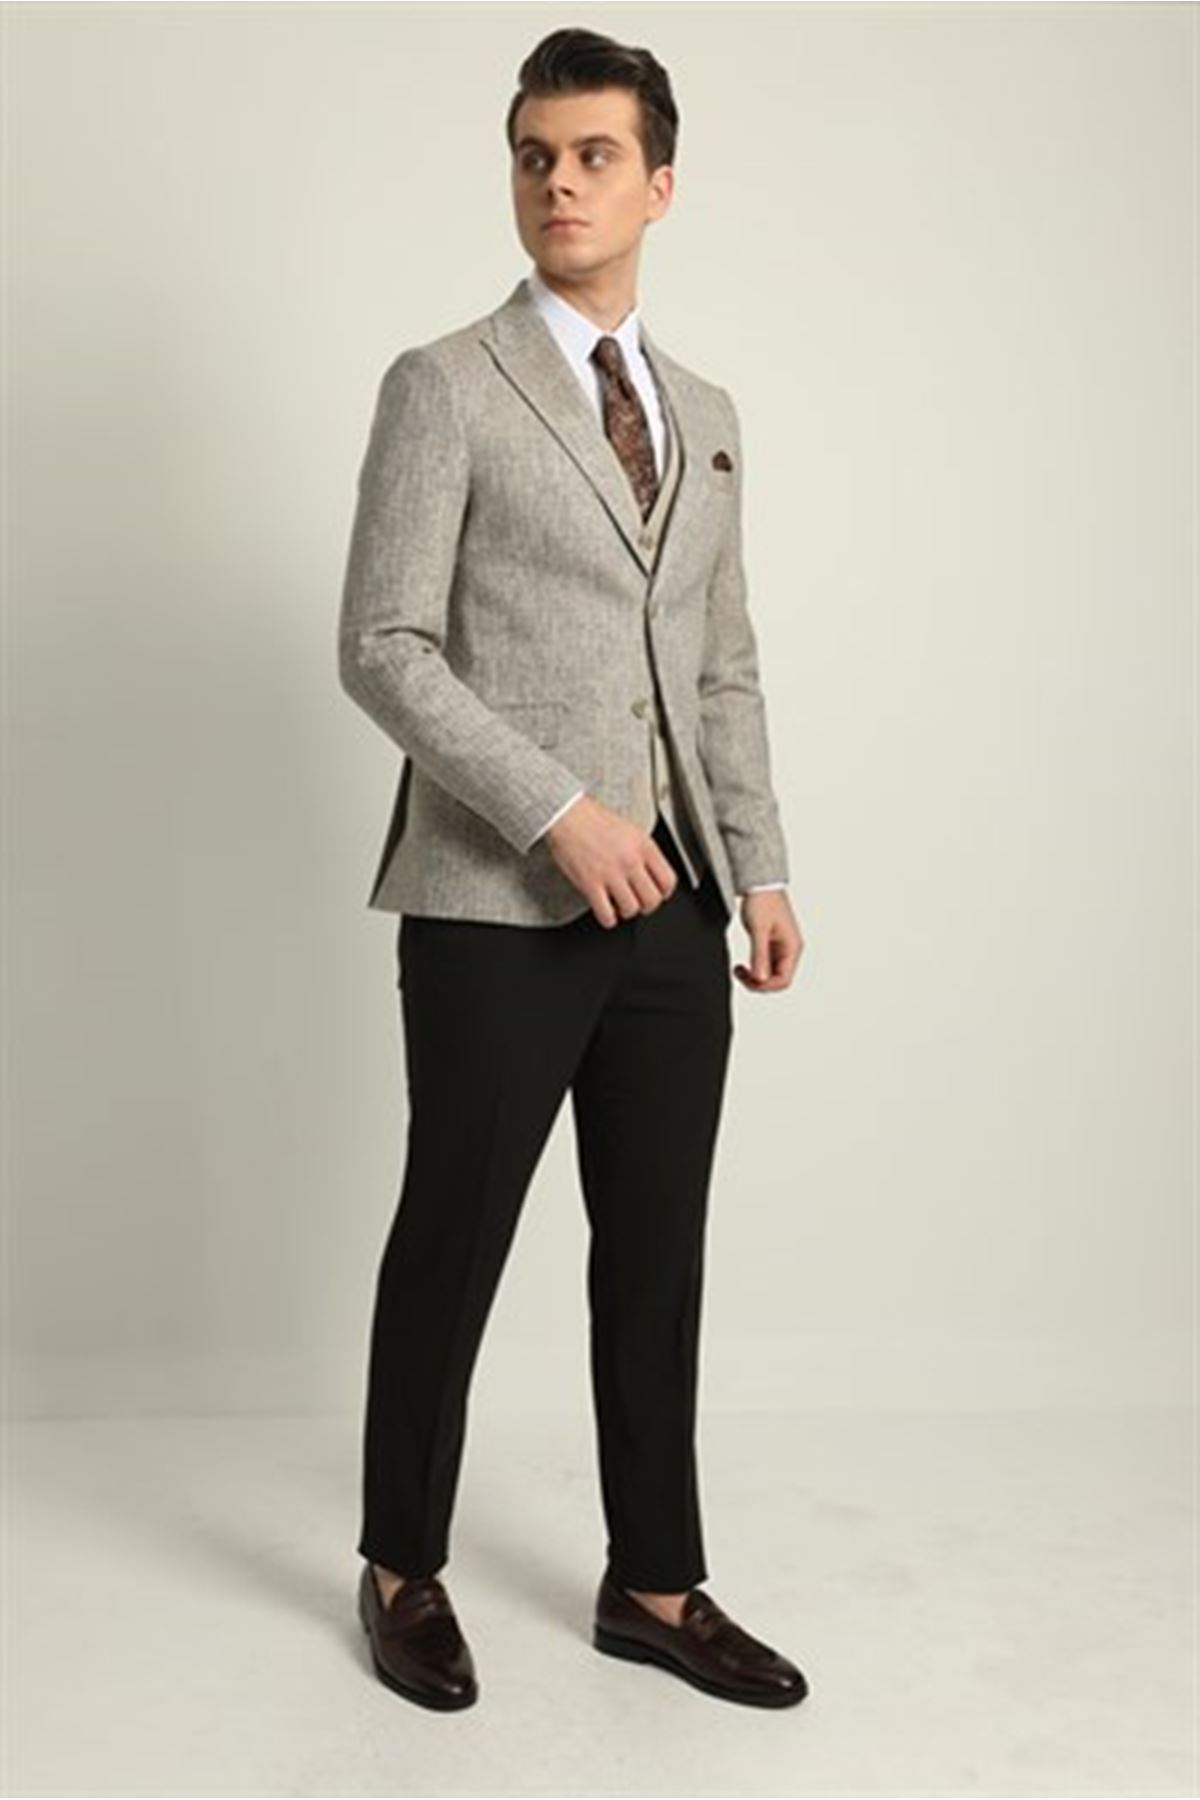 Erkek Kombinli Yelekli Takım Elbise - Bej